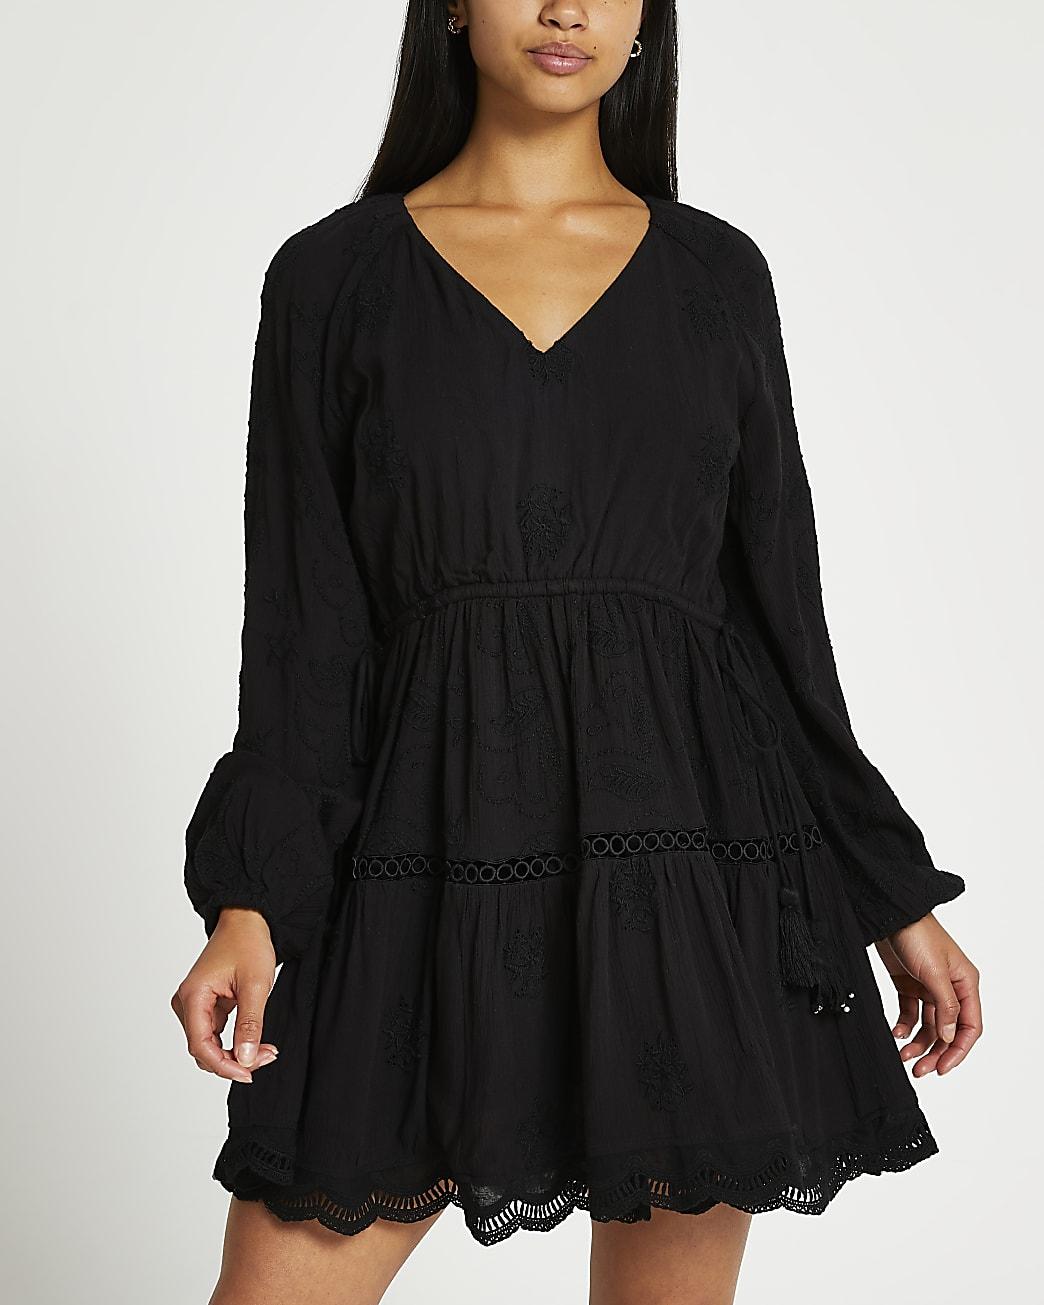 Petite black long sleeve broderie dress